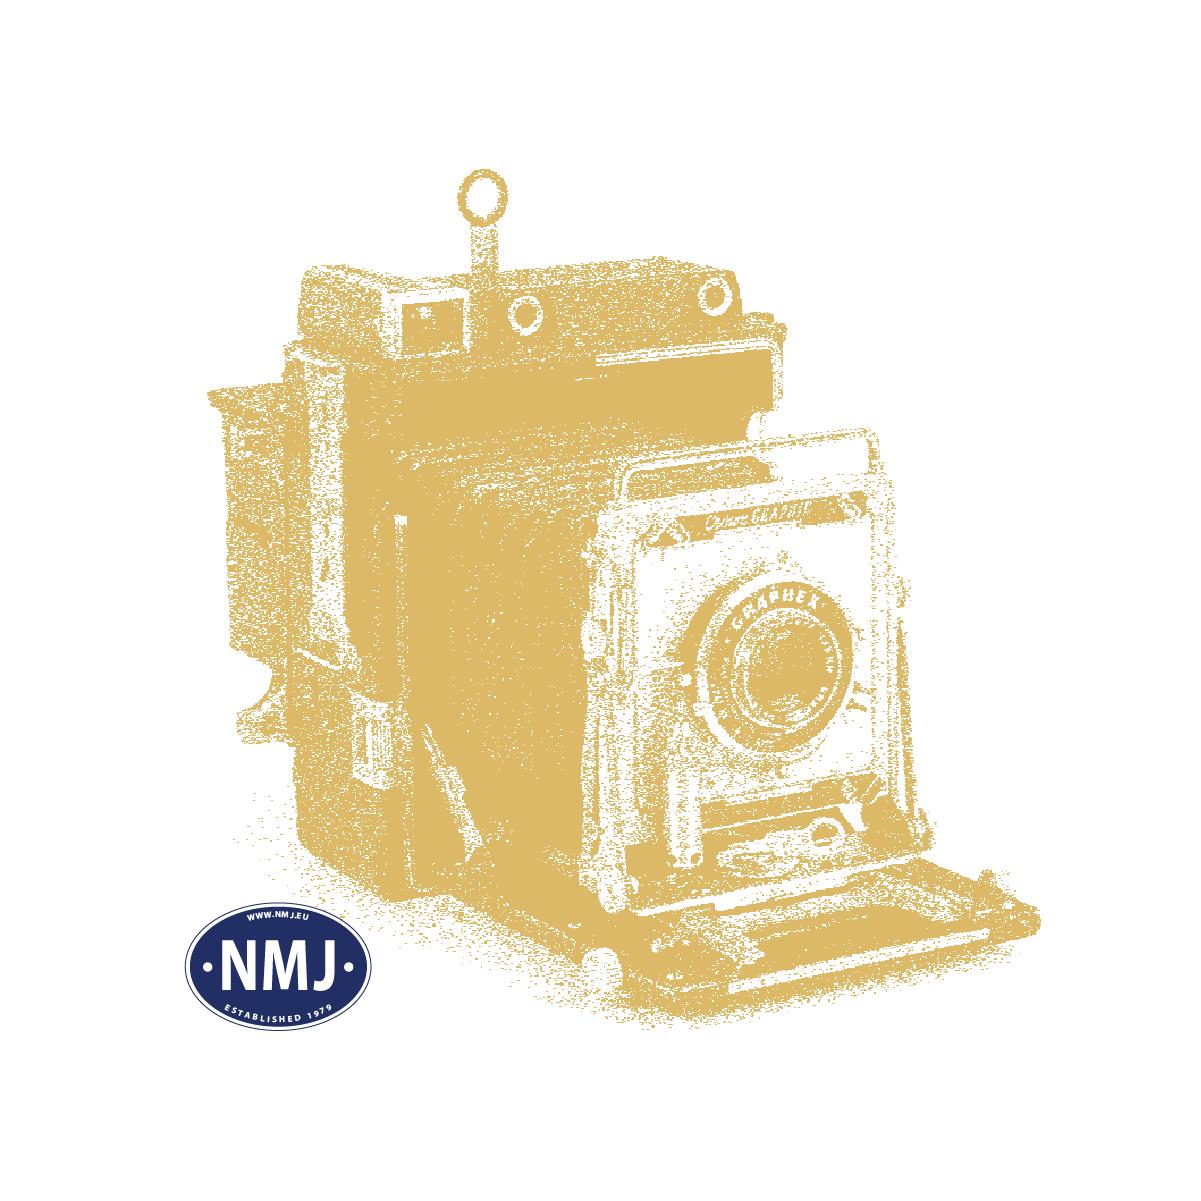 WODFS628 - Halmgult Statisk Gress, 12mm, 28g